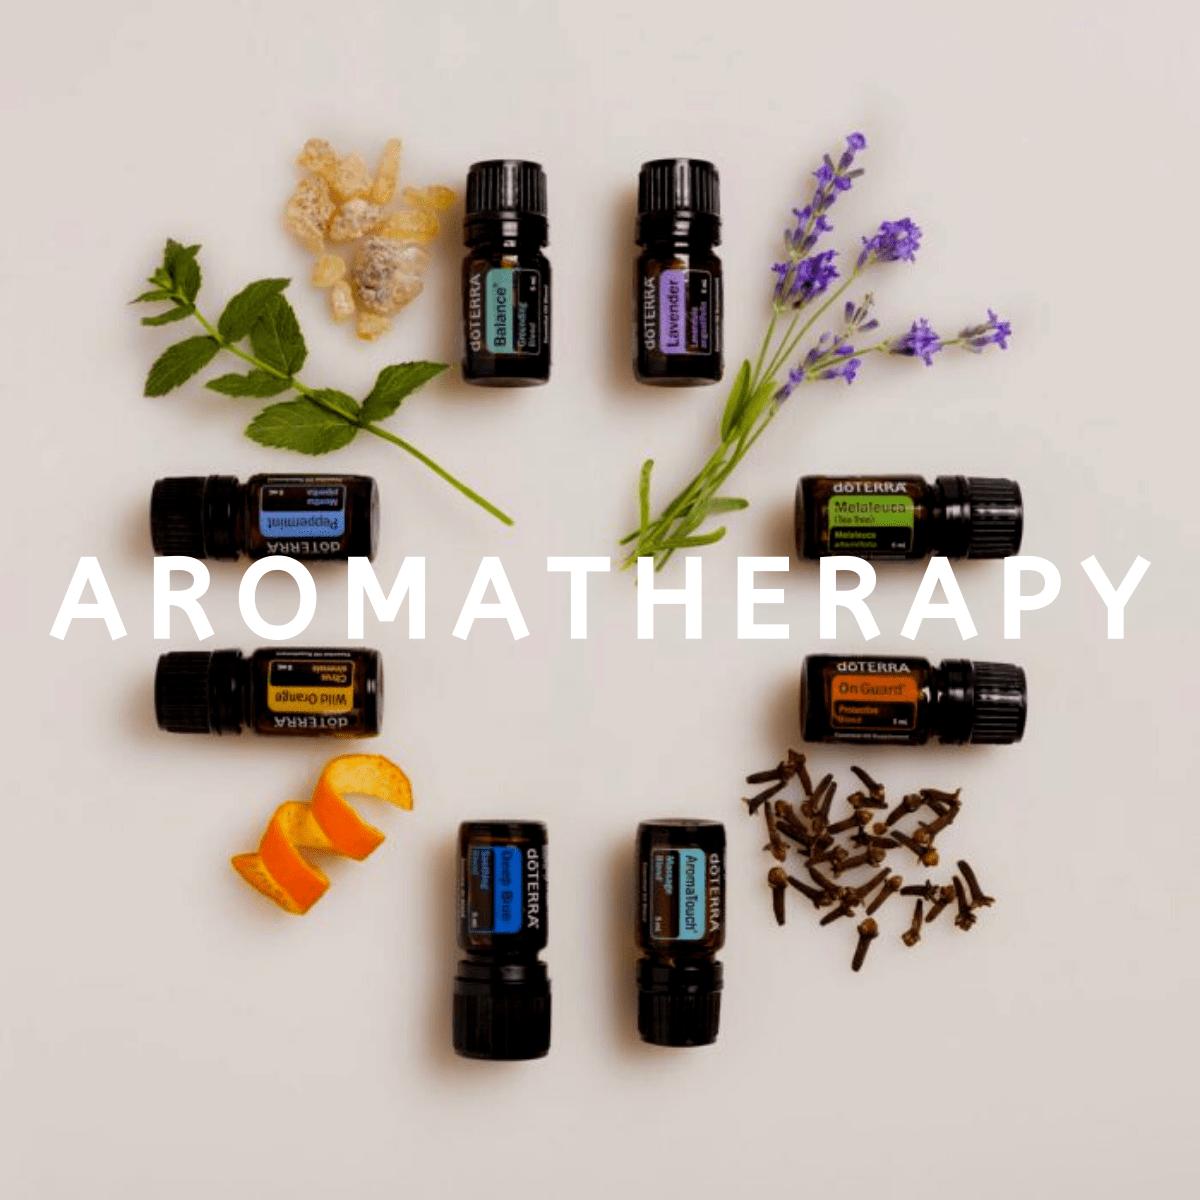 aromatherapy-oils-patricia-martina